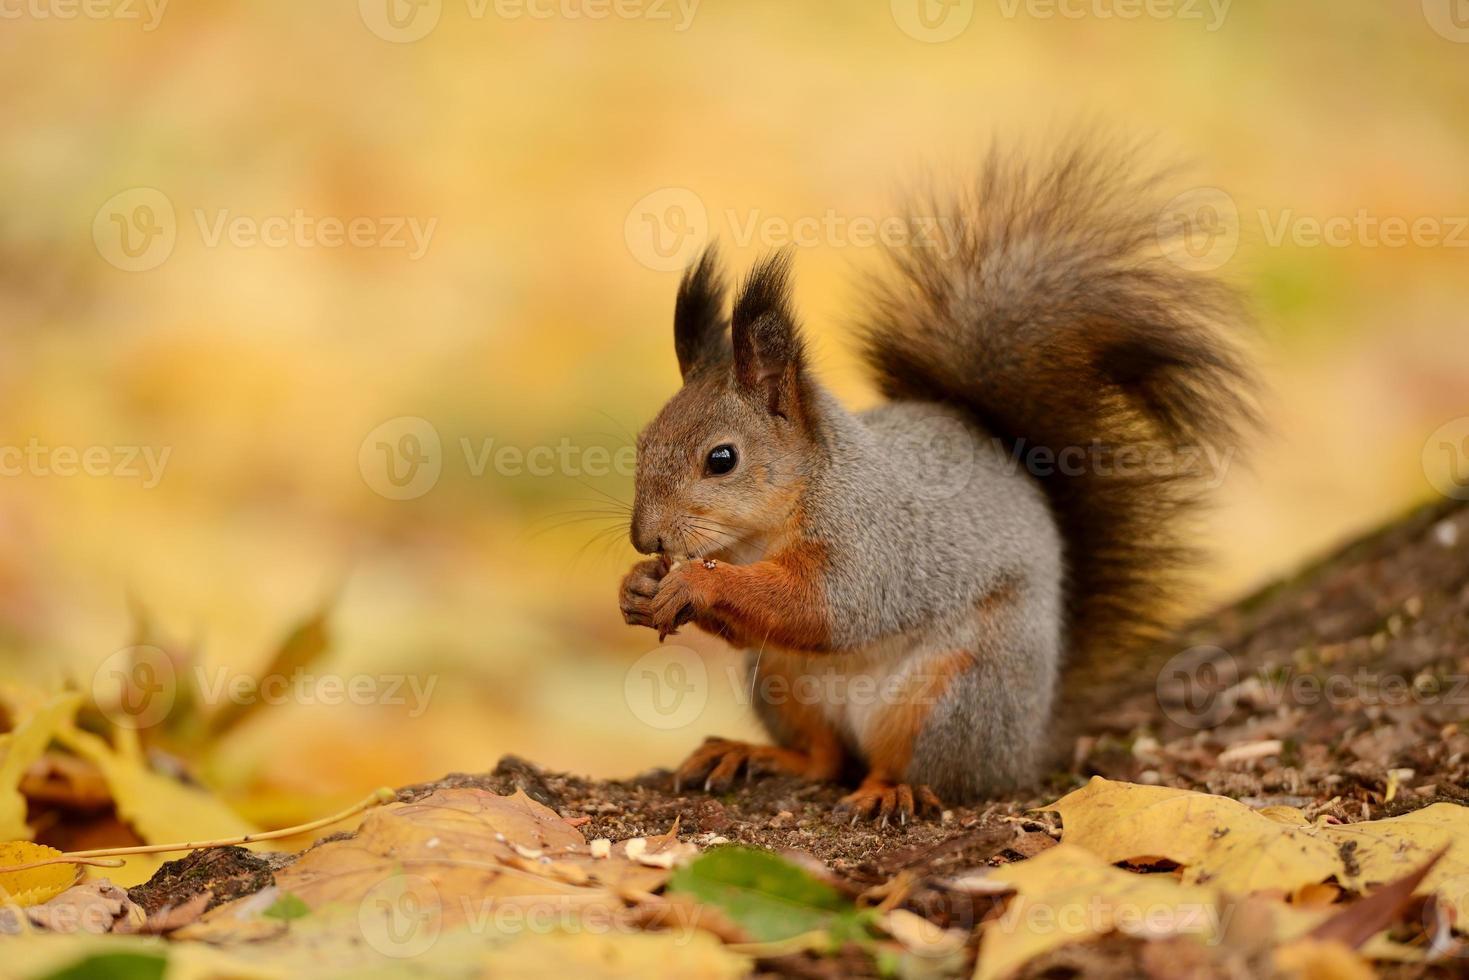 esquilo sentado em uma grama foto